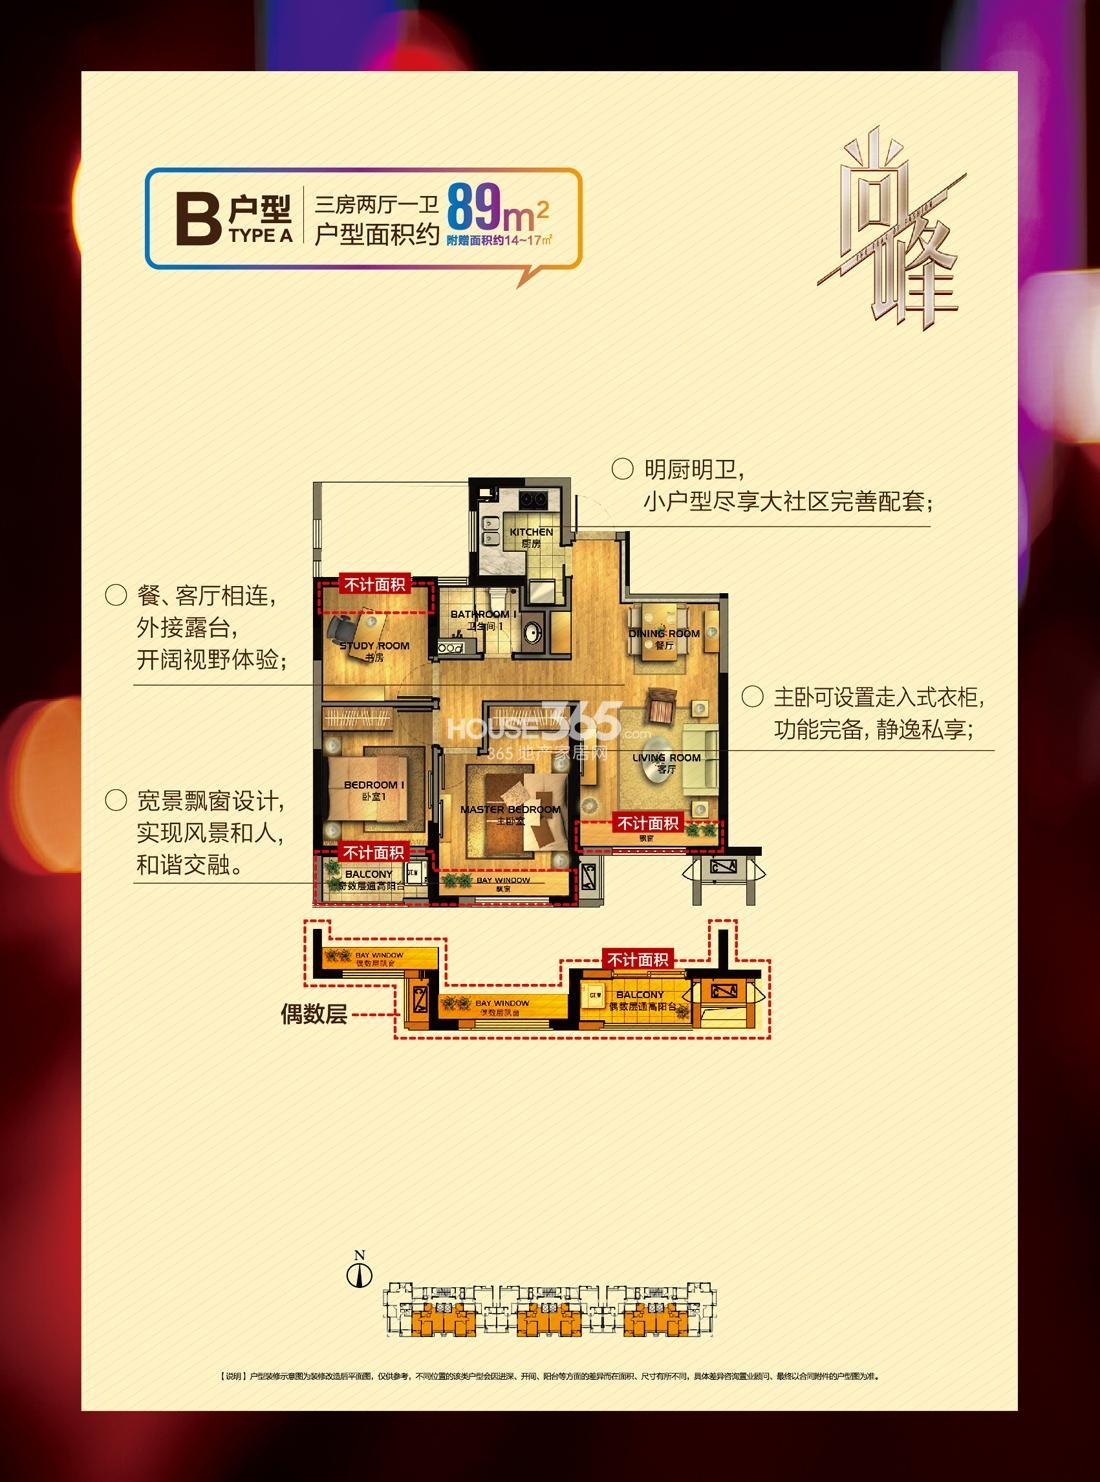 华元欢乐城东区尚峰4号楼B户型89方三房两厅一卫